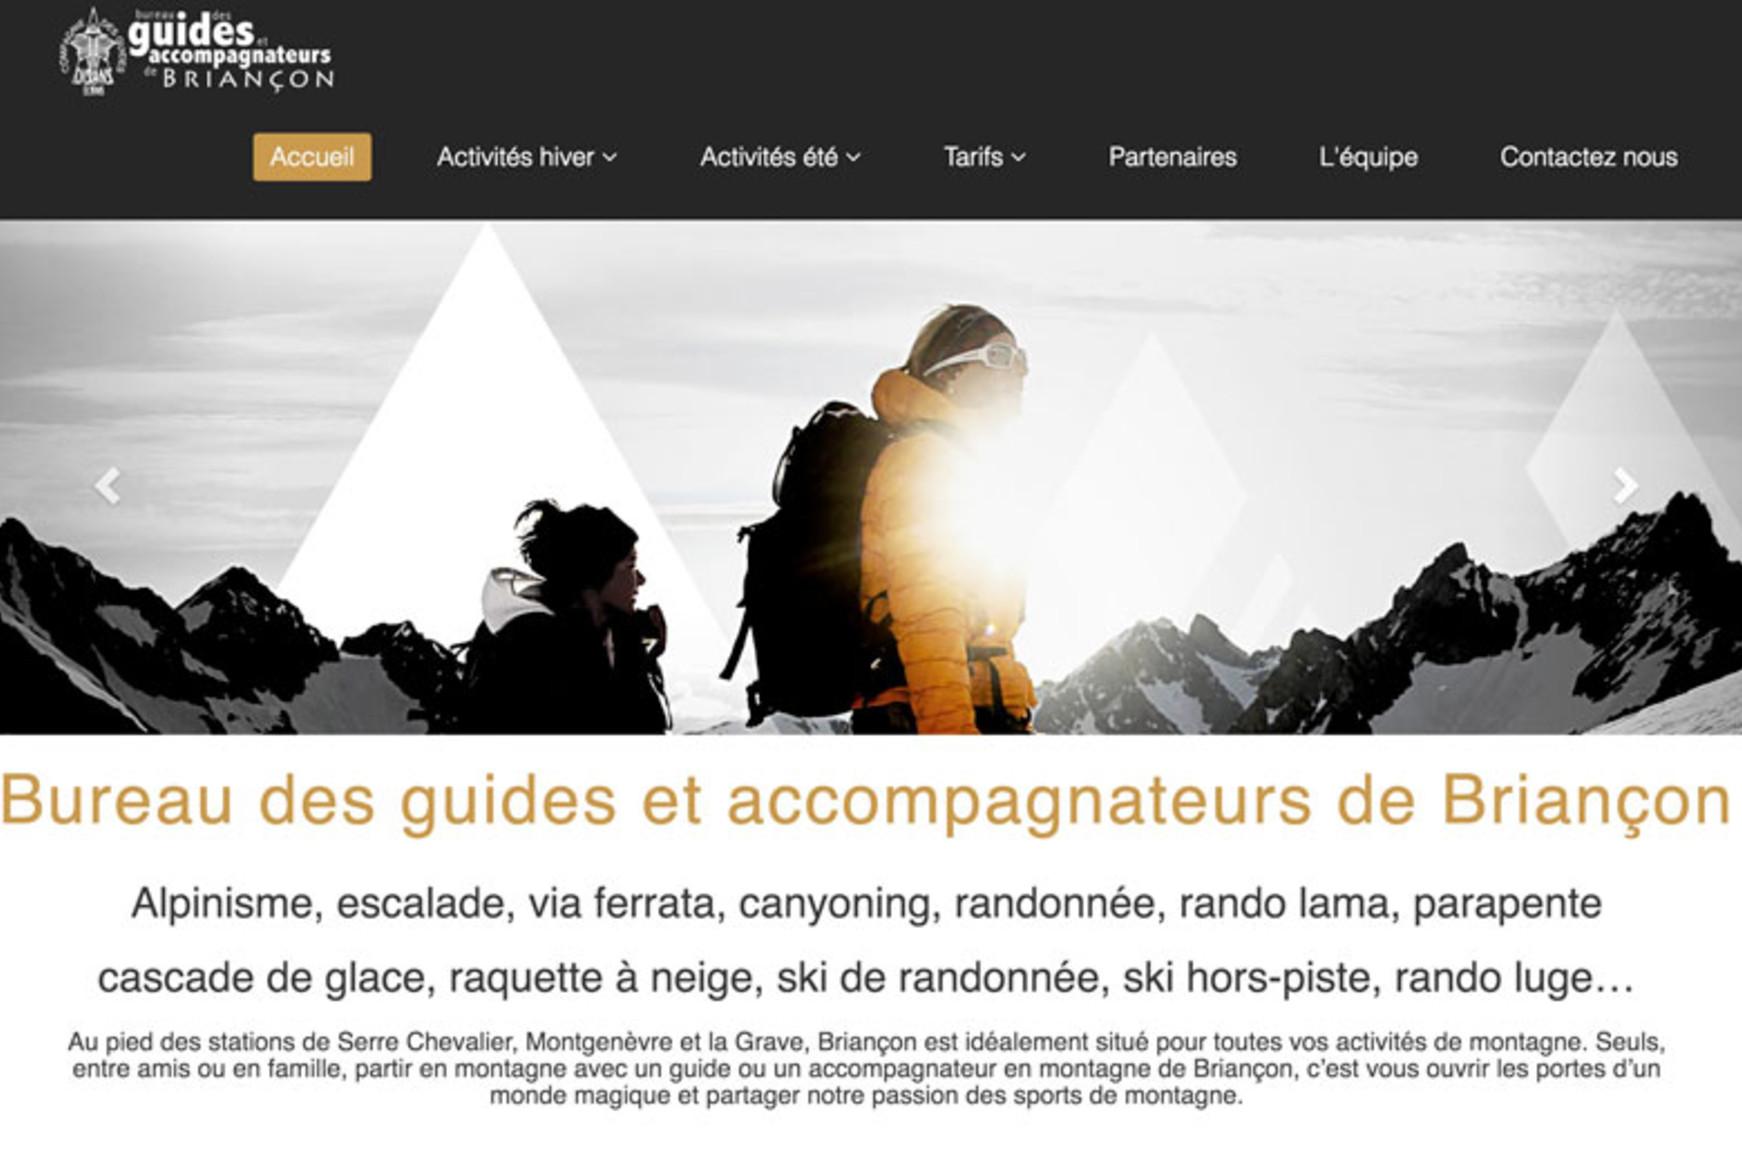 Le site du bureau des guides de Briancon